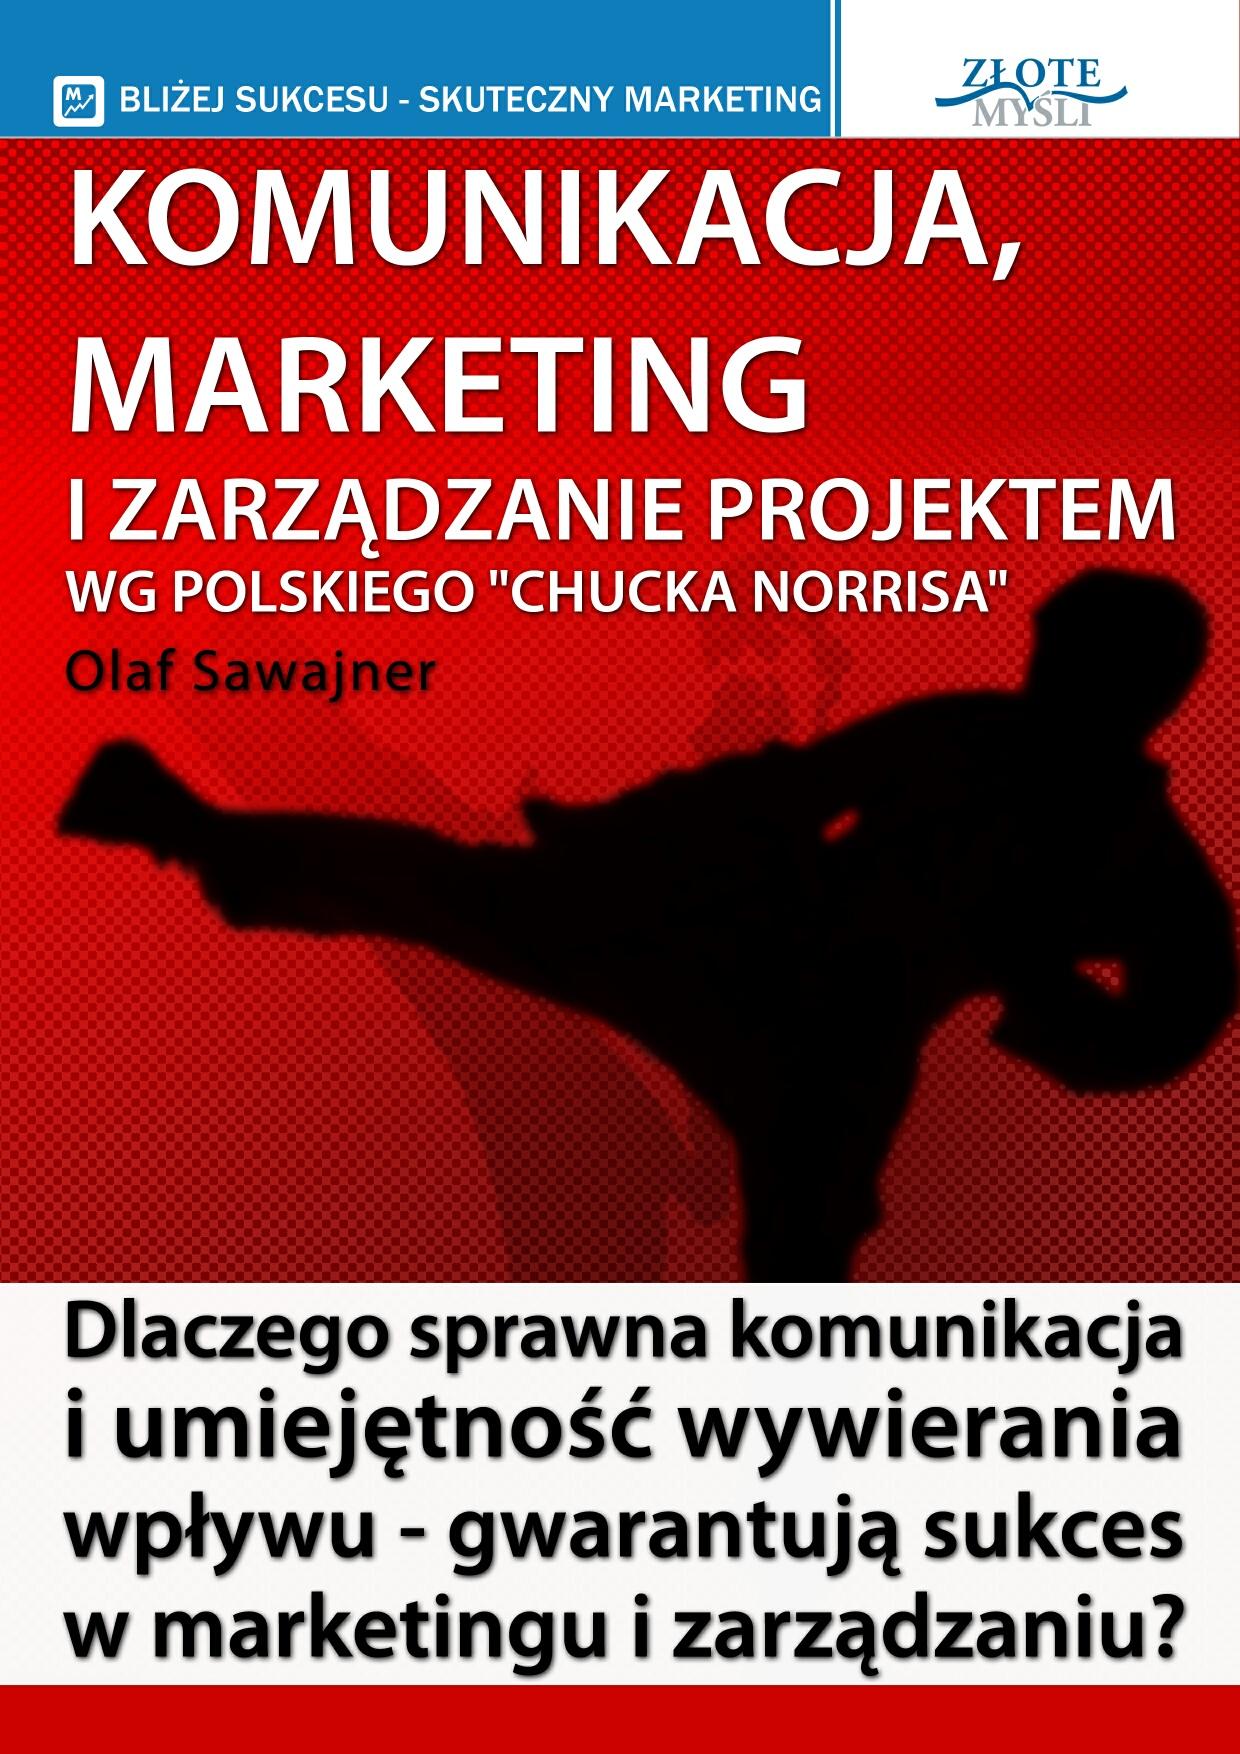 Olaf Sawajner: Komunikacja, marketing i zarządzanie projektem wg polskiego Chucka Norrisa - okładka